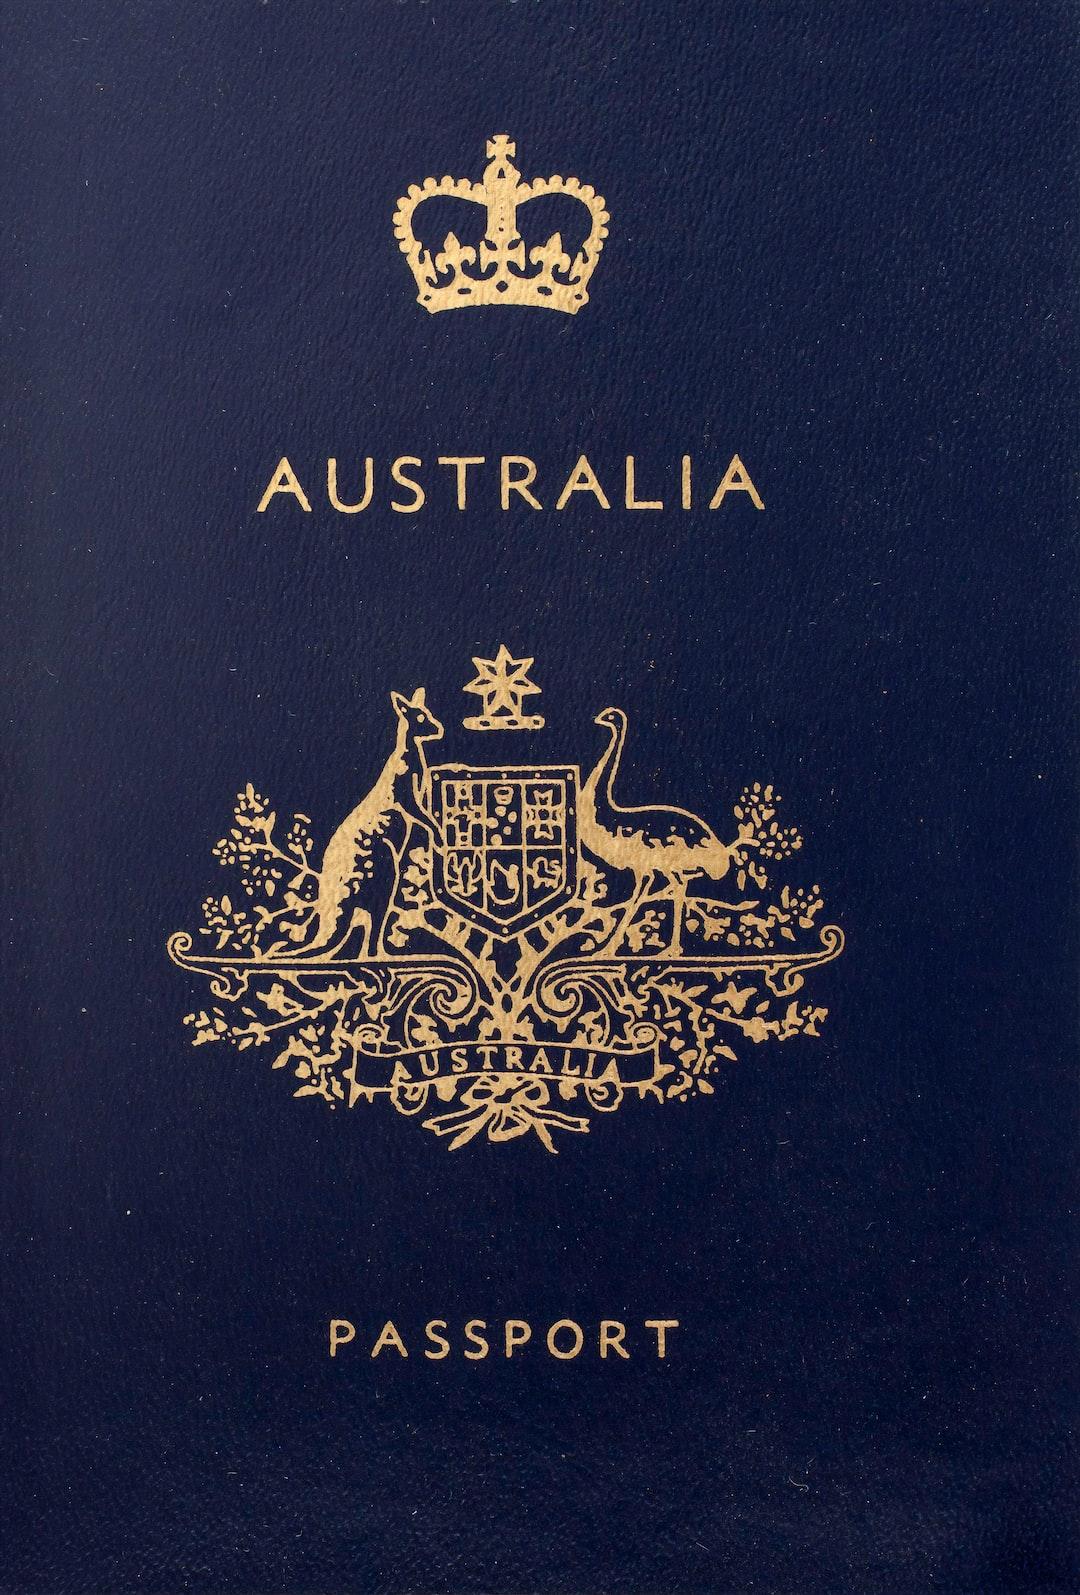 Passport - Bretislav Lukes, 11 December 1978